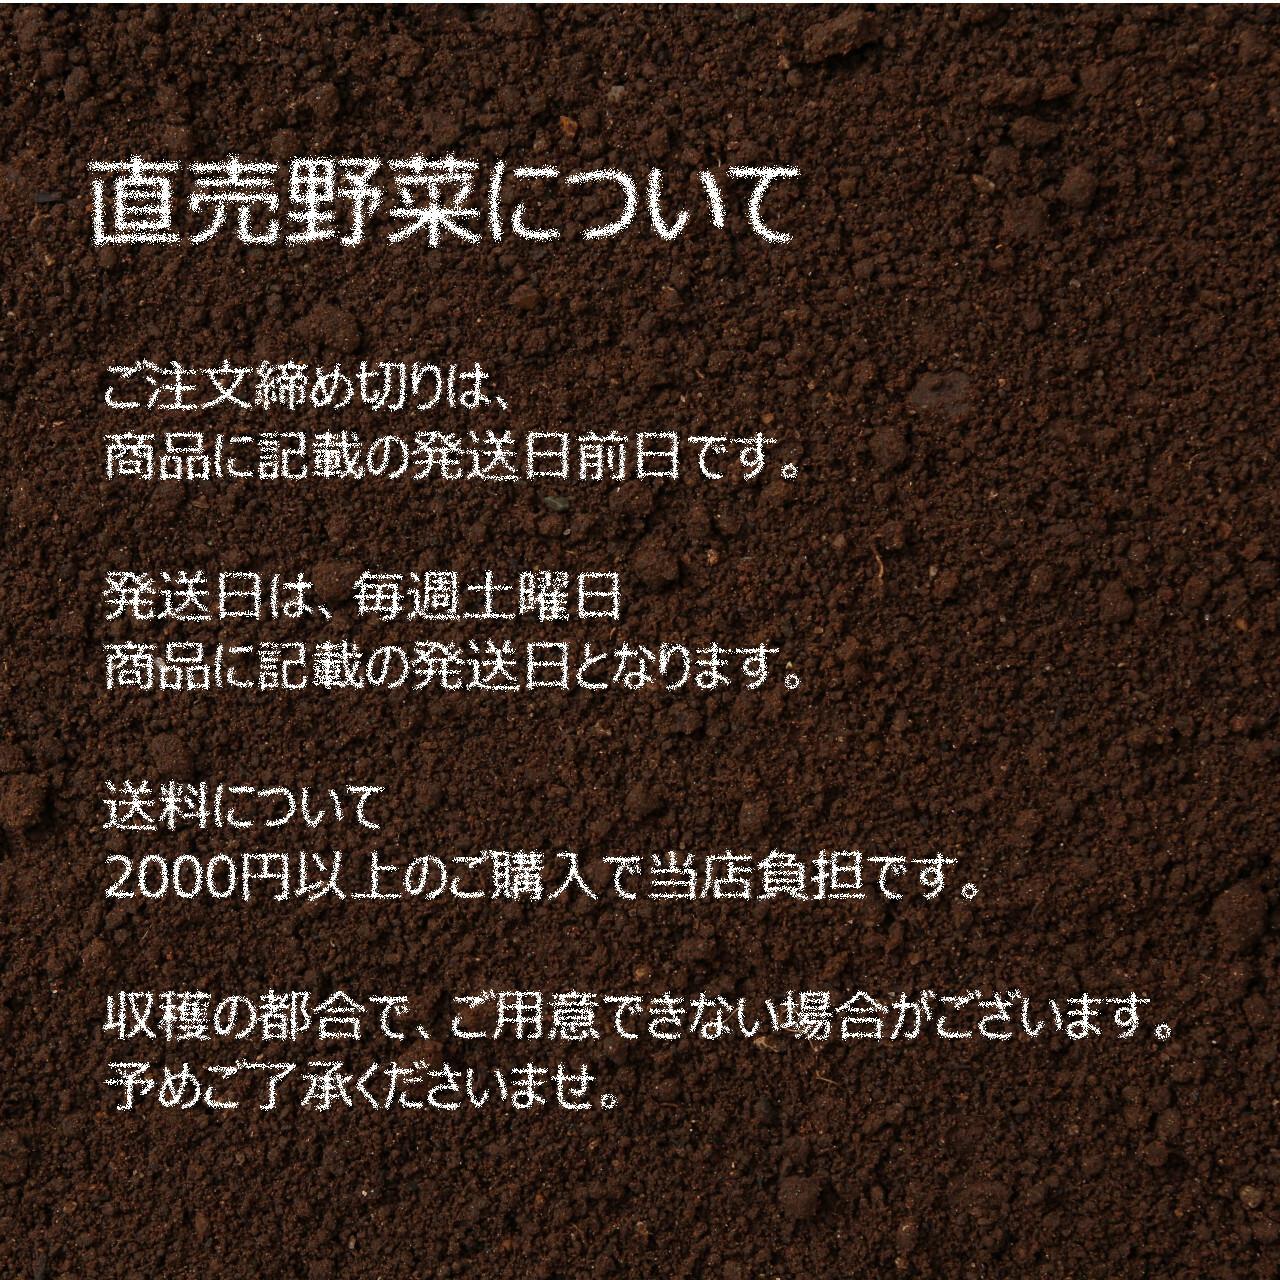 8月の新鮮夏野菜 : キュウリ 3~4本  朝採り直売野菜 8月17日発送予定